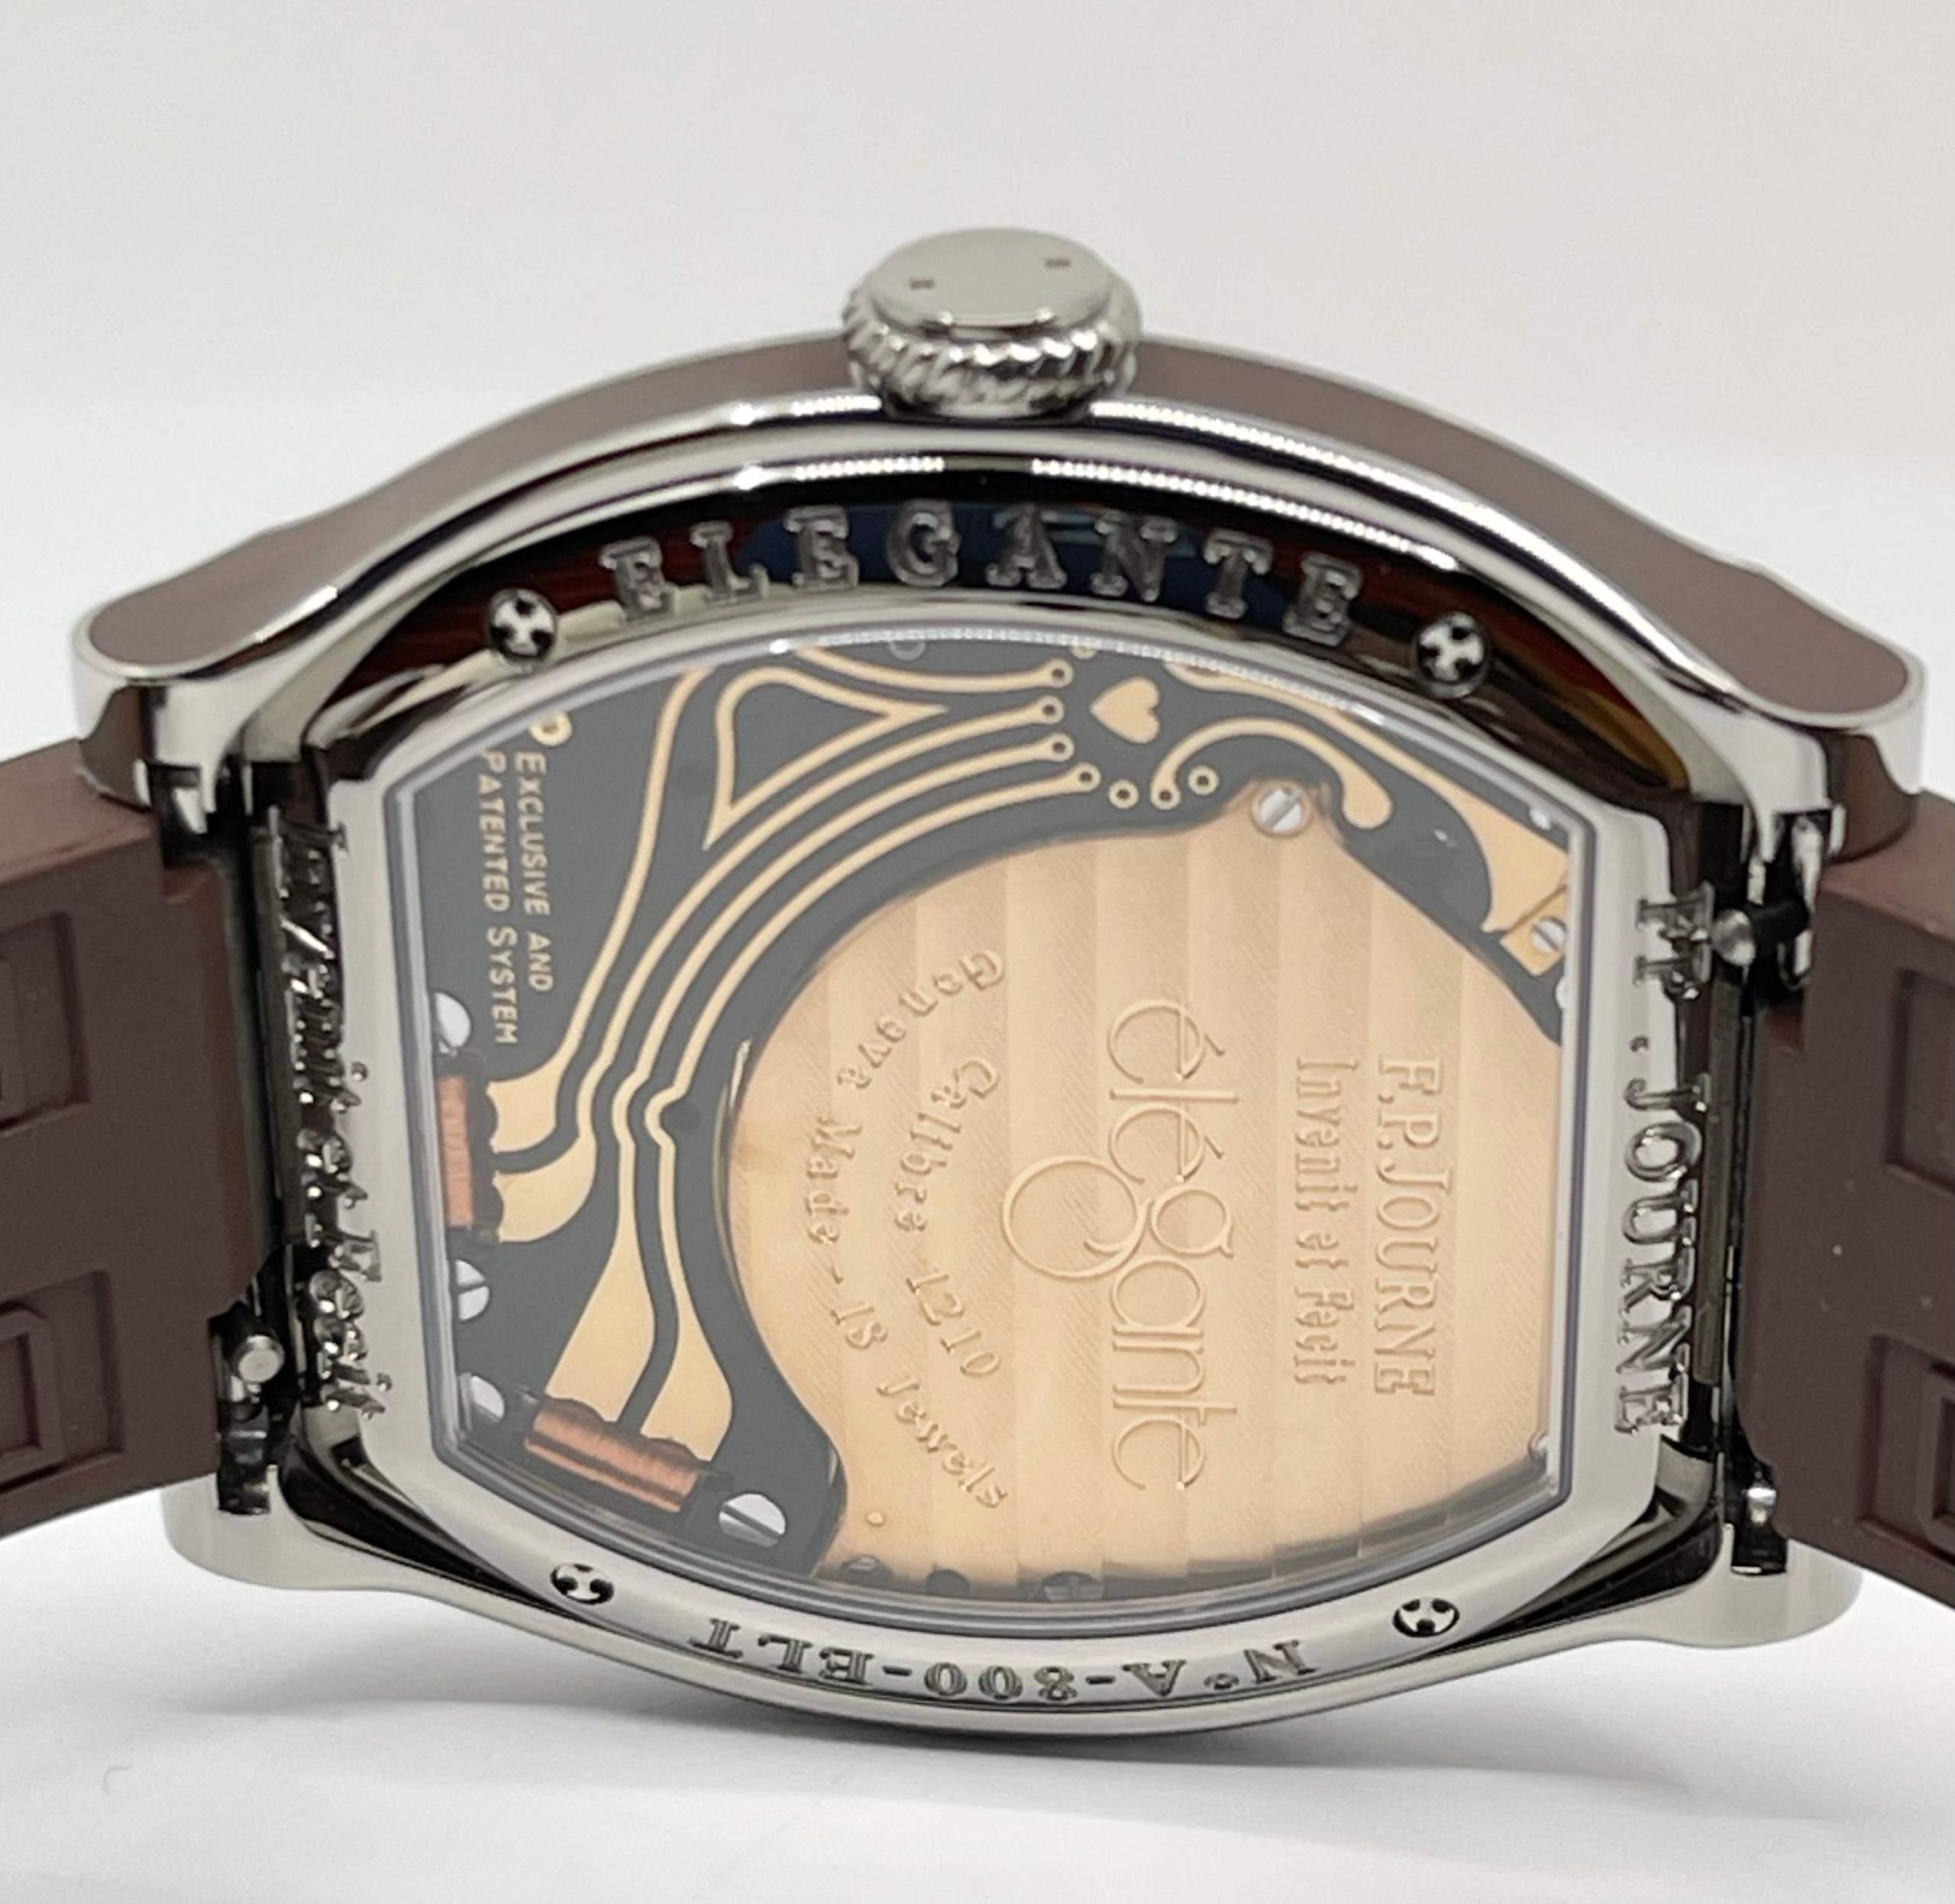 """F.P. Journe Élégante: an """"entry-level"""" quartz watch for Rolex Daytona prices."""